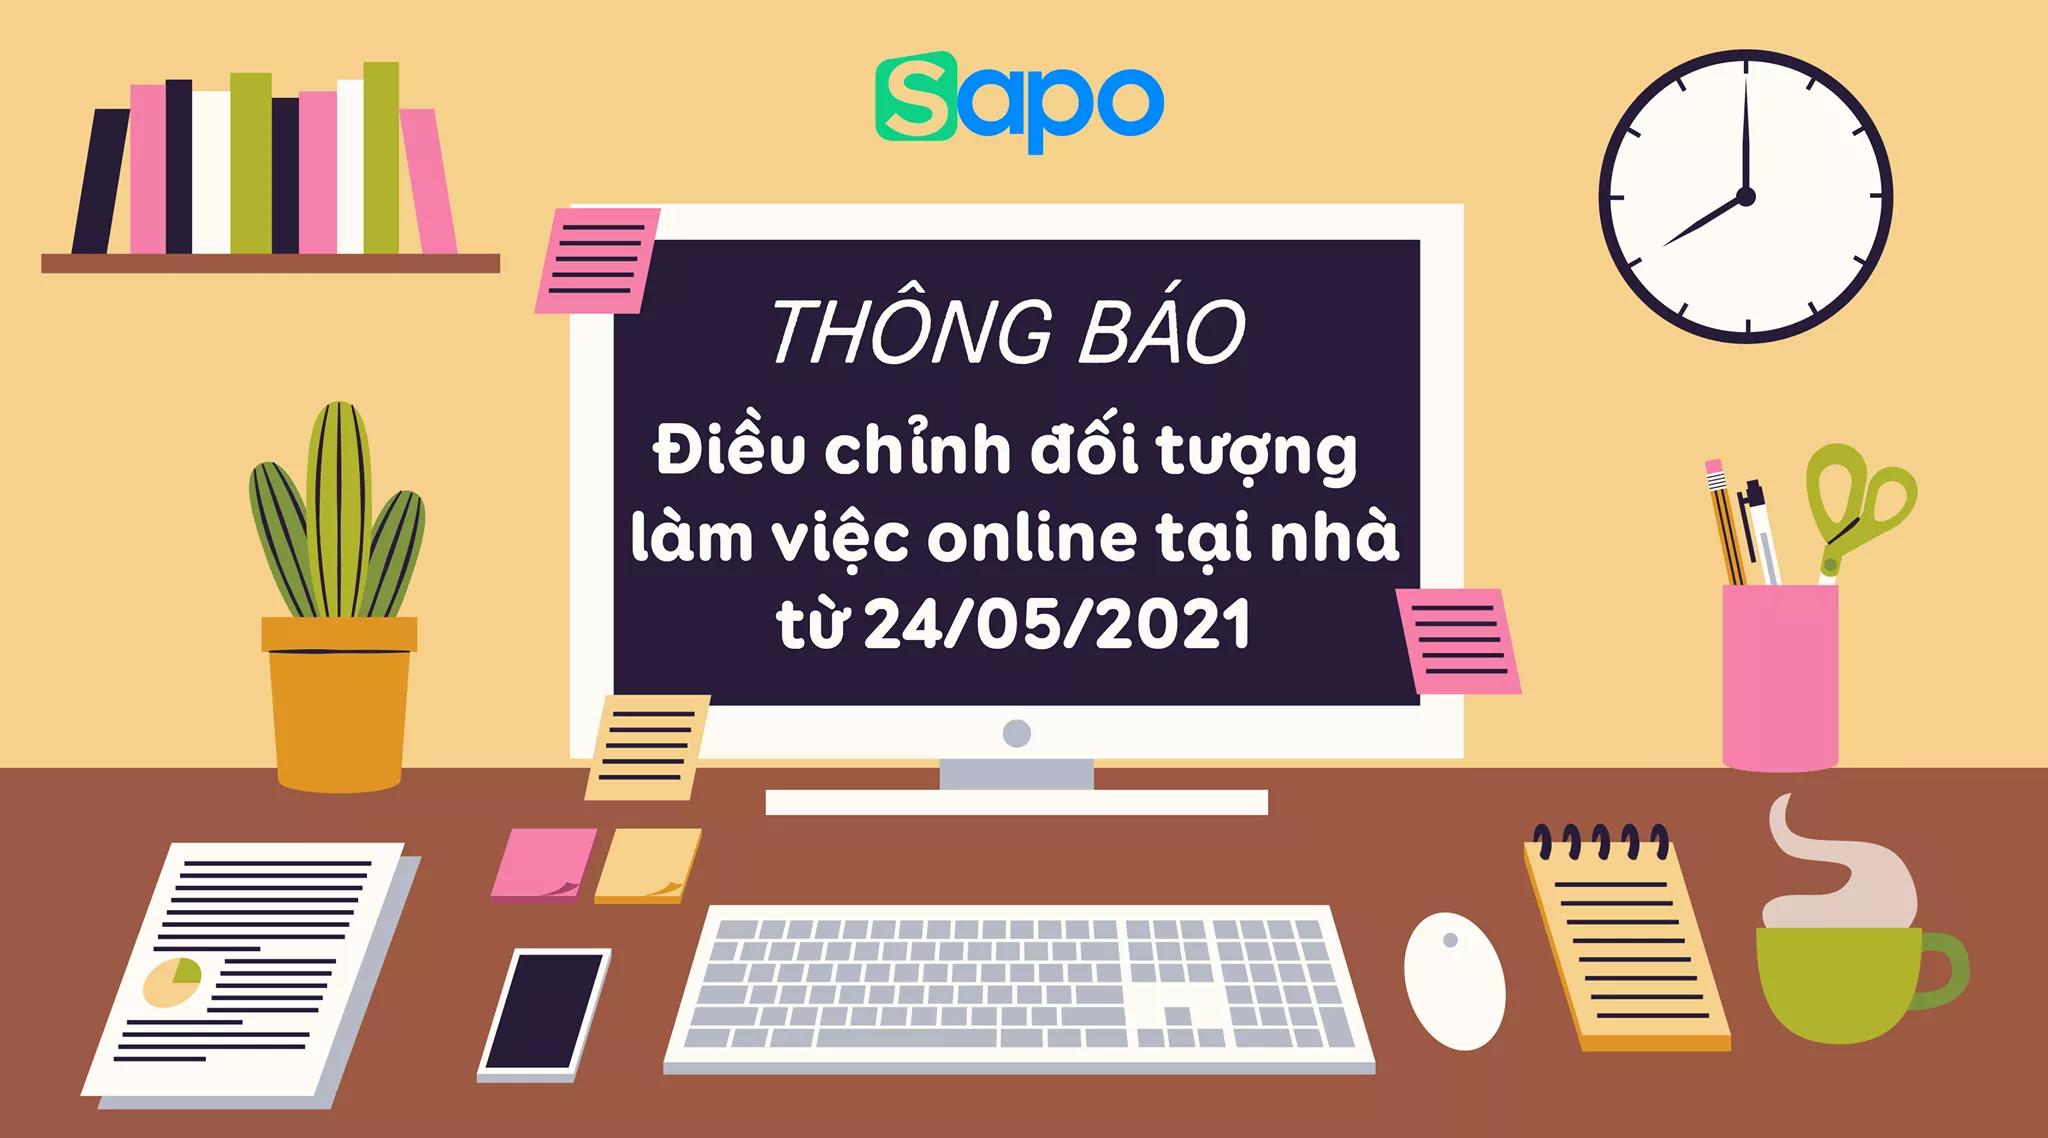 Điều chỉnh đối tượng áp dụng làm việc online tại nhà đối với Sapo Hà Nội bắt đầu từ thứ 2 ngày 24/05/2021